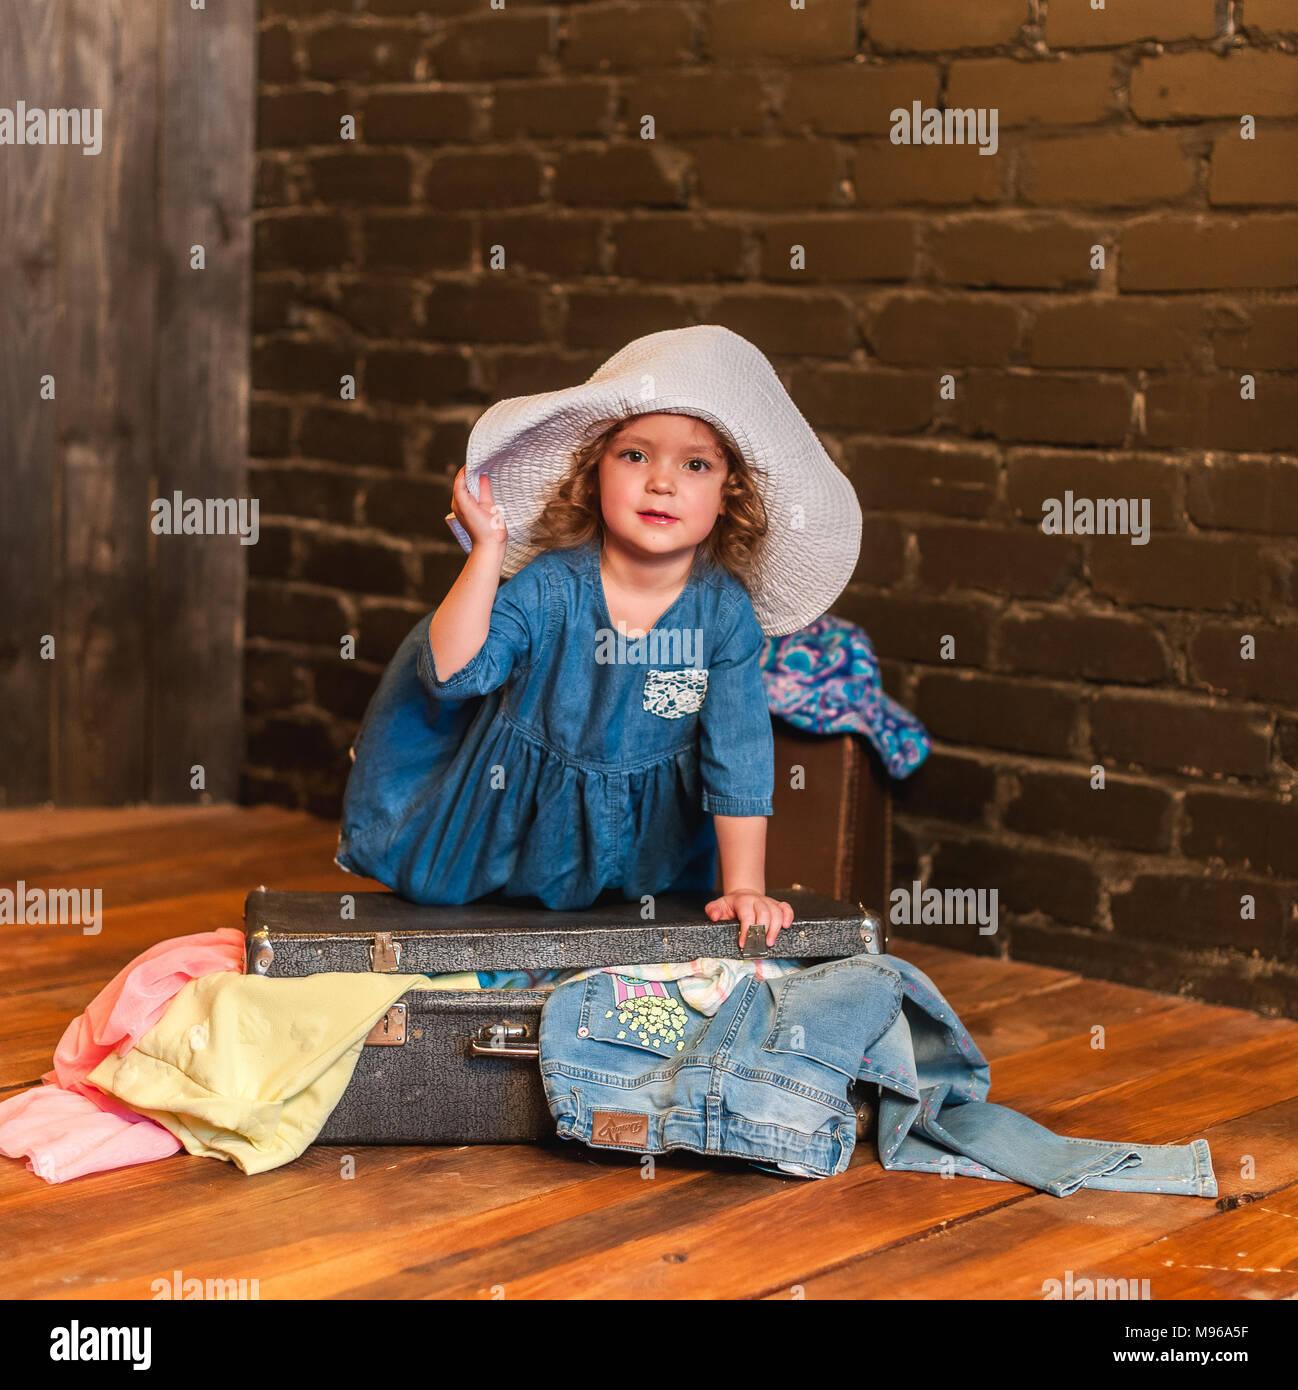 Piccola ragazza in un abito blu e cappello bianco chiude la valigia con le cose. Poco traveler preparando per un viaggio in Europa e in Asia Immagini Stock